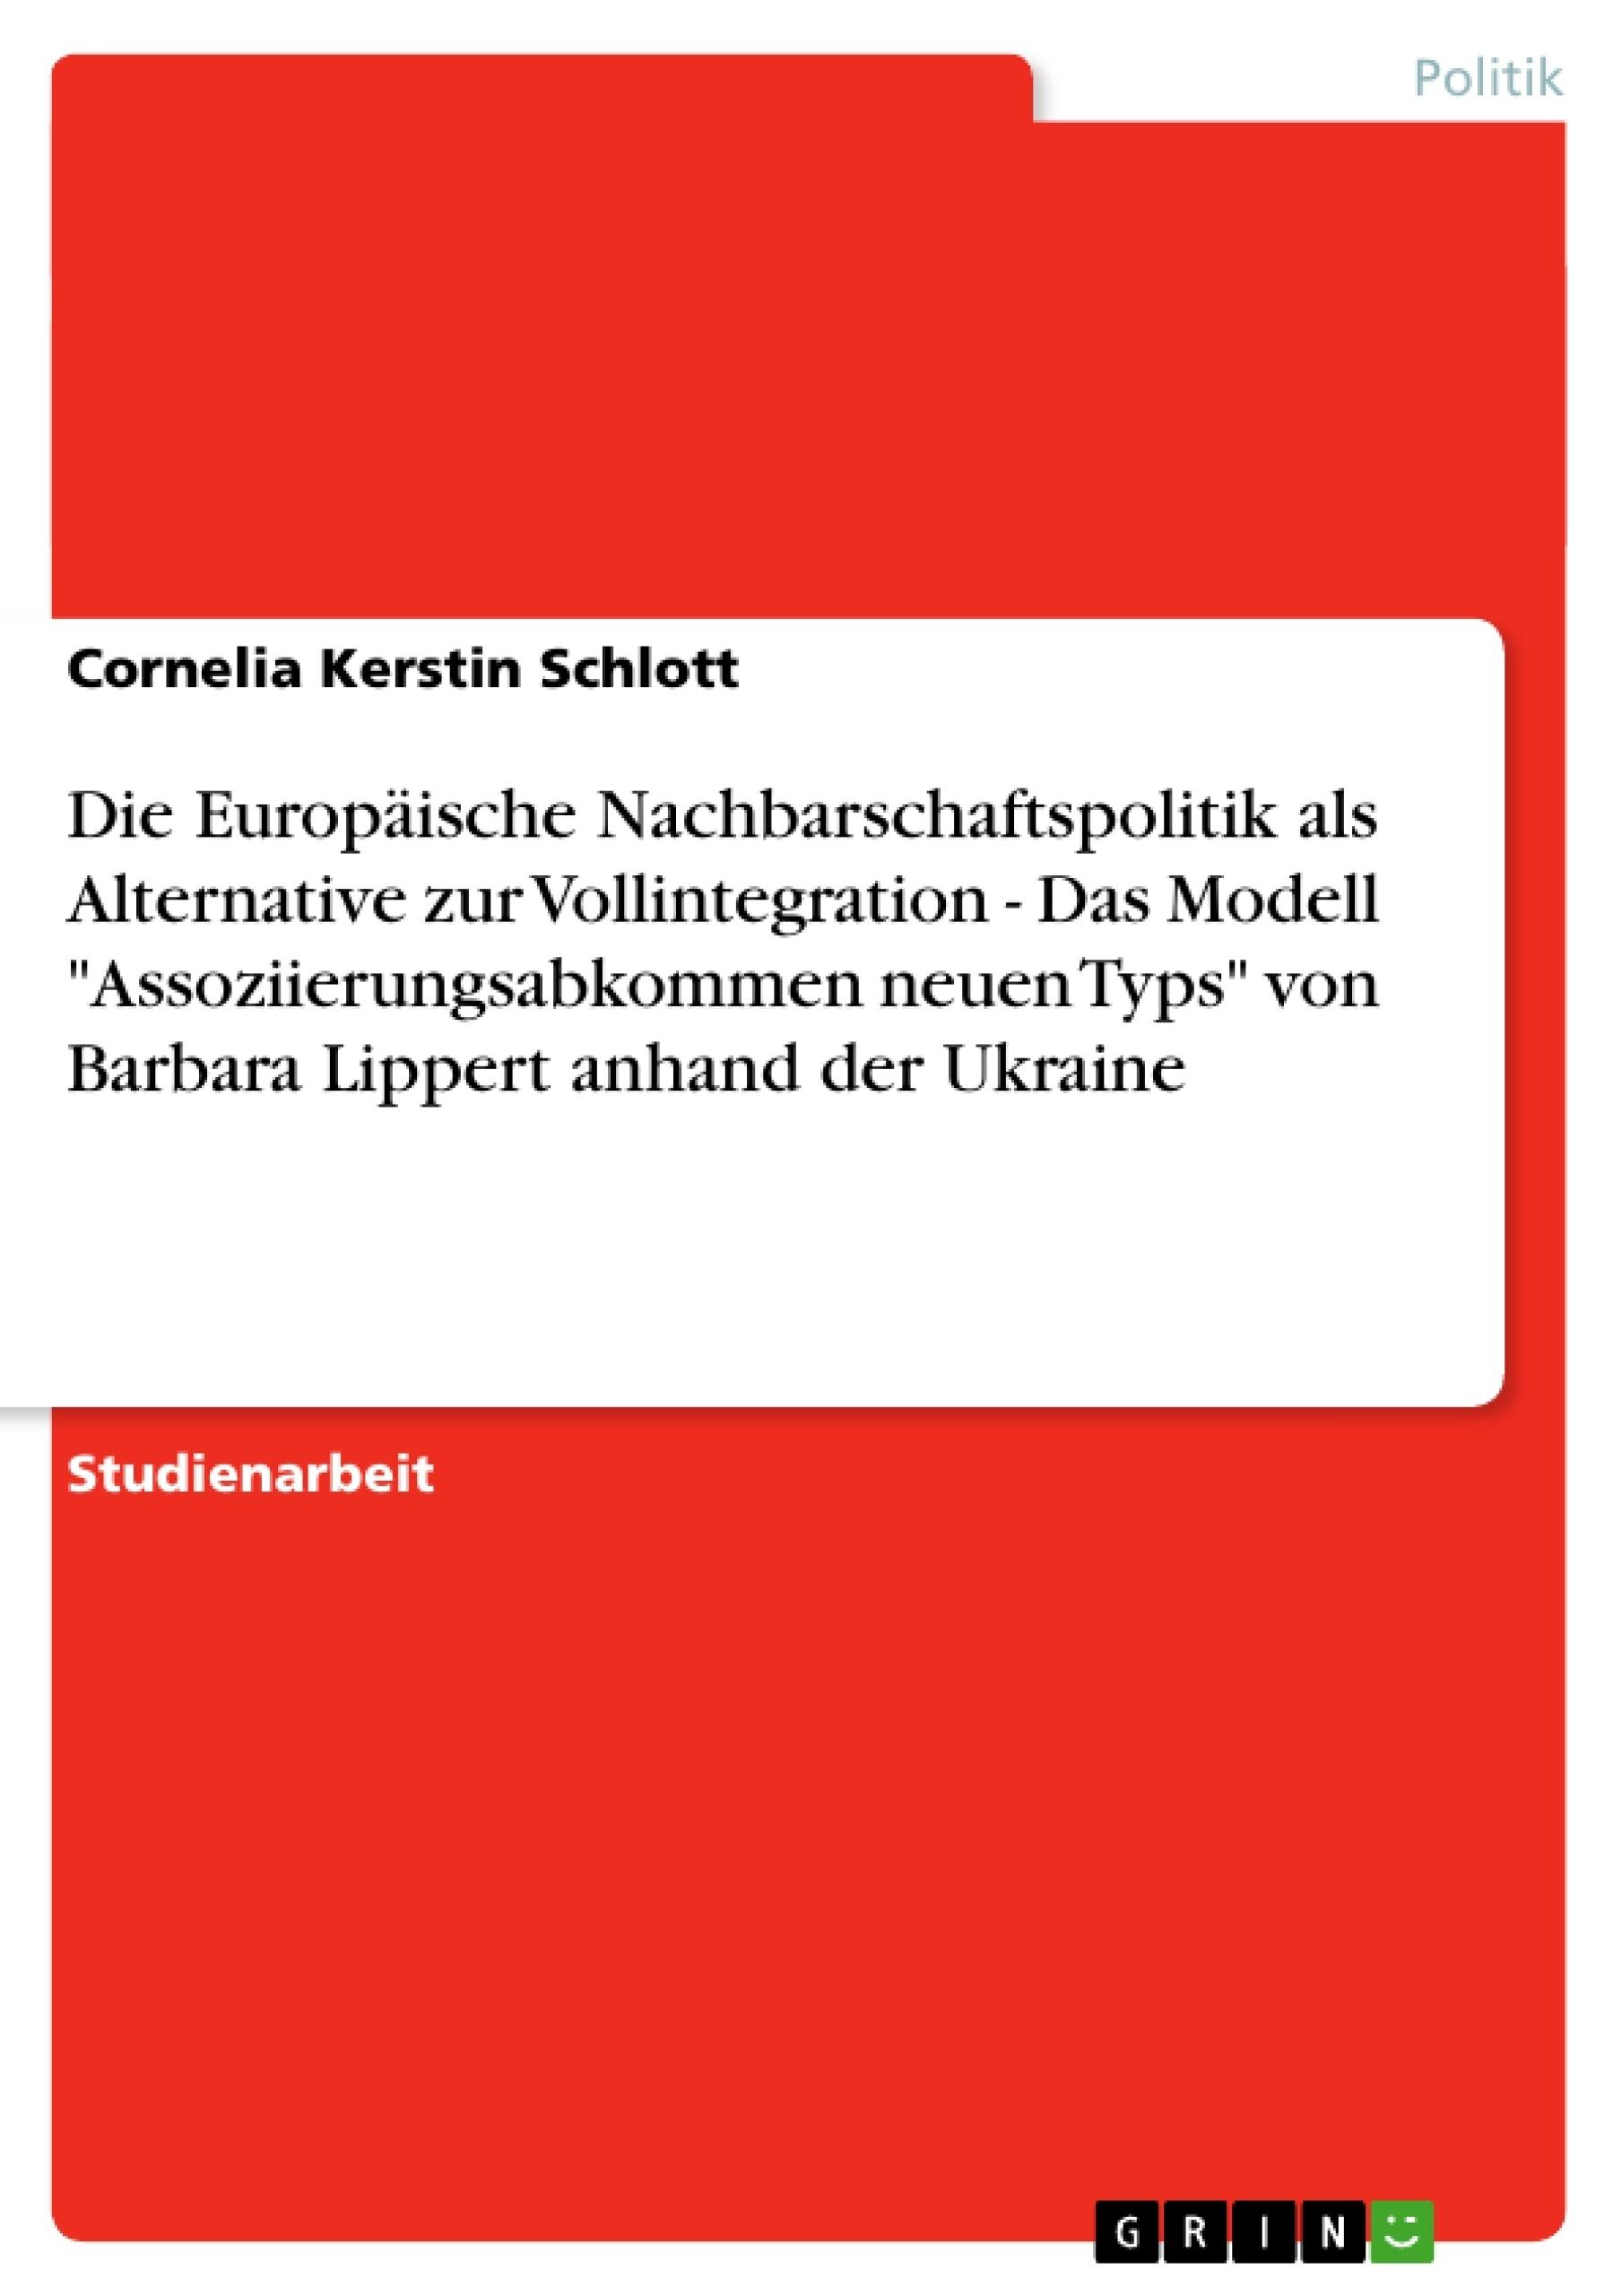 """Titel: Die Europäische Nachbarschaftspolitik als Alternative zur Vollintegration - Das Modell """"Assoziierungsabkommen neuen Typs"""" von Barbara Lippert anhand der Ukraine"""